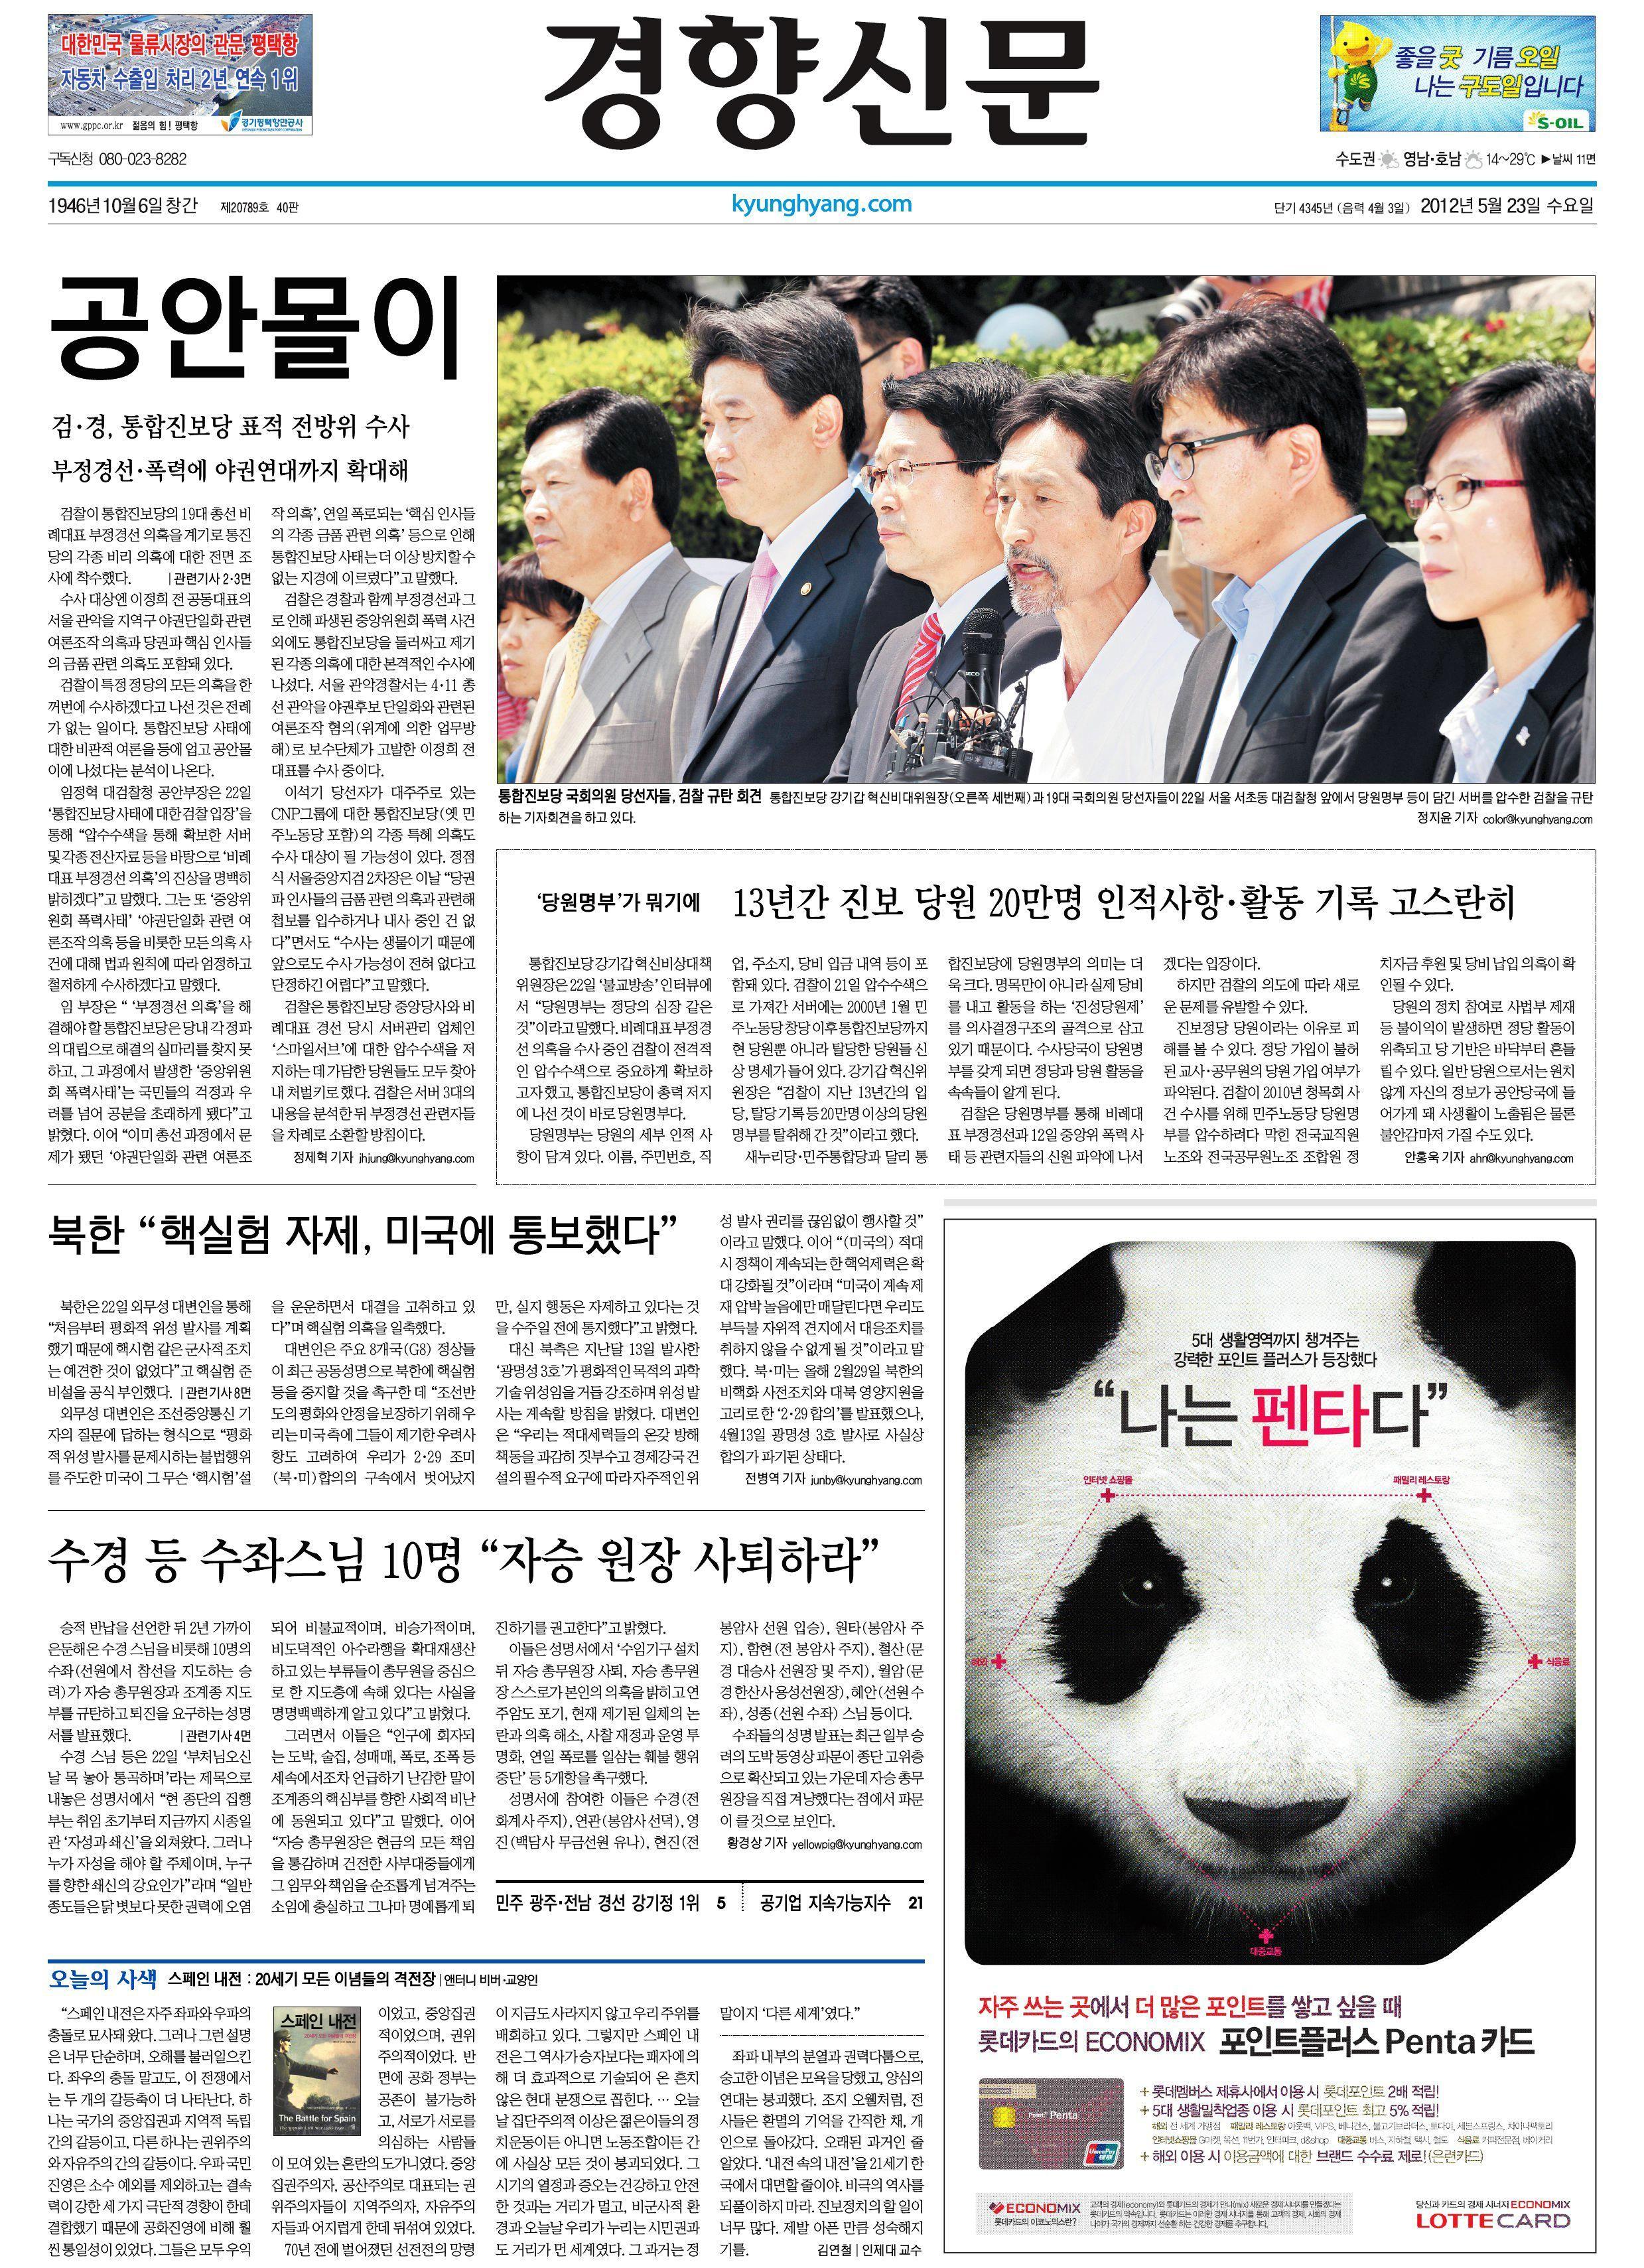 5월 23일 경향신문 1면입니다.